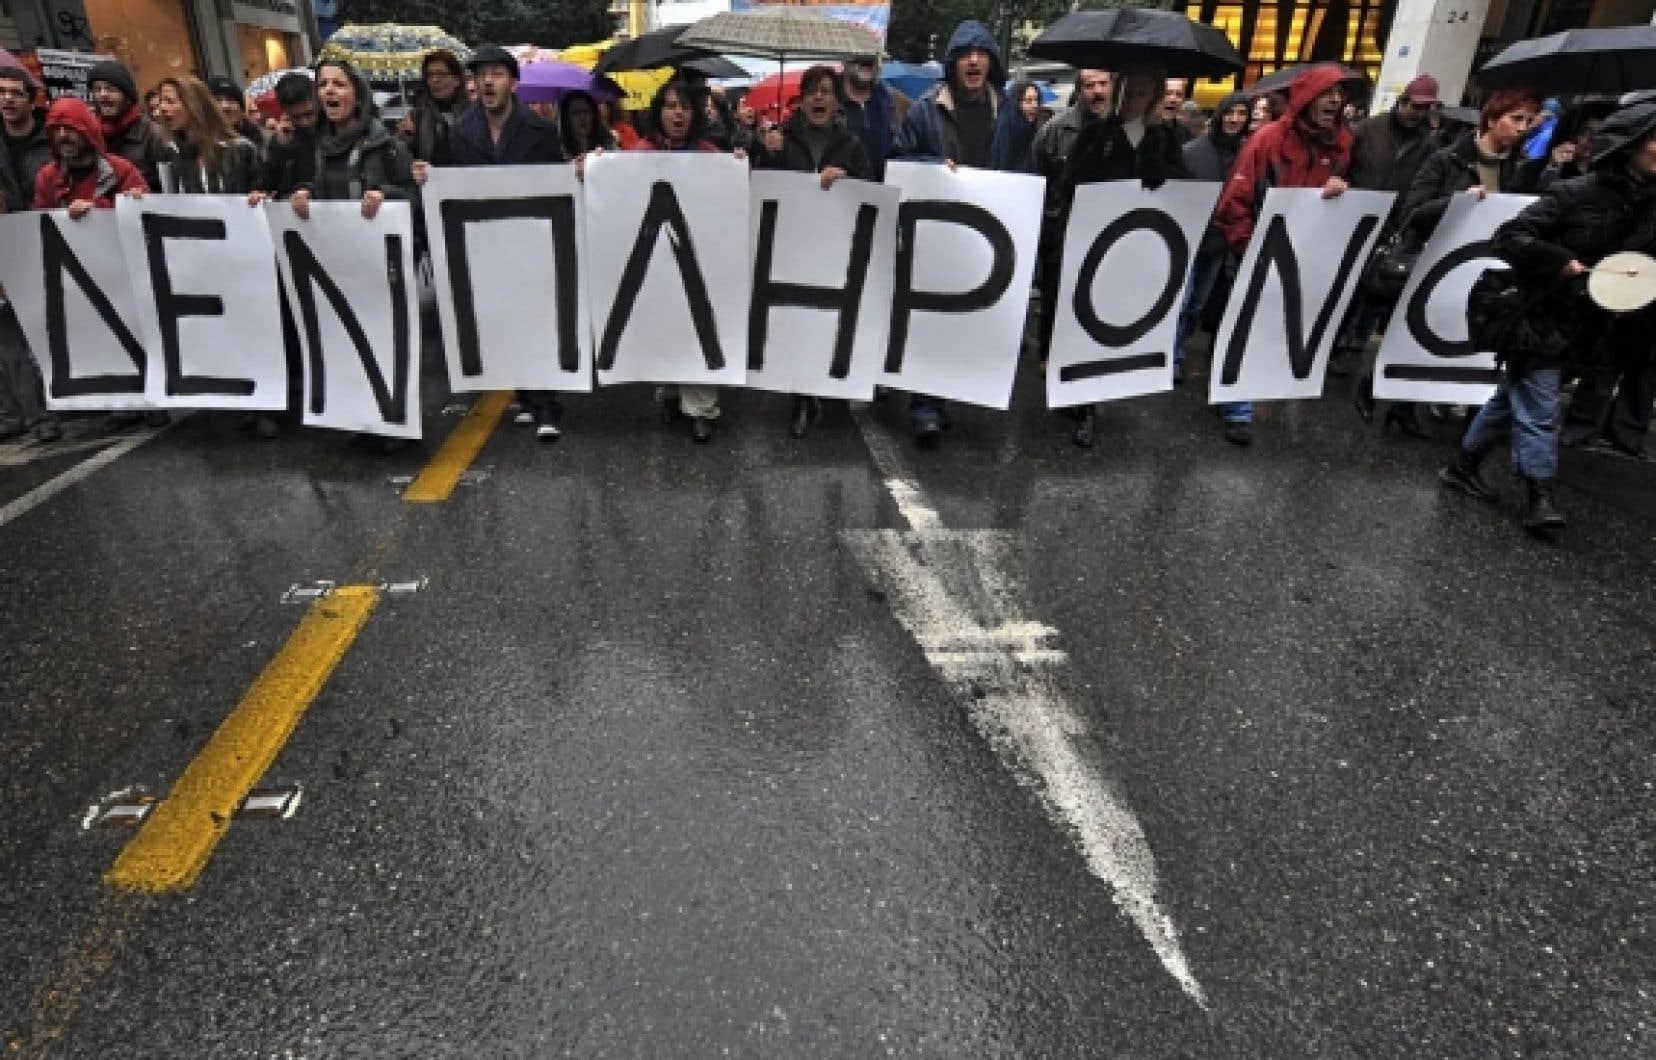 Pendant que les politiciens s'entendaient pour venir en aide à la Grèce, les syndiqués de l'État ont pris la rue hier pour protester contre les mesures d'austérité du gouvernement grec, destinées à réduire l'écrasante dette publique du pays. «Je ne paierai pas», peut-on lire sur ces affiches.